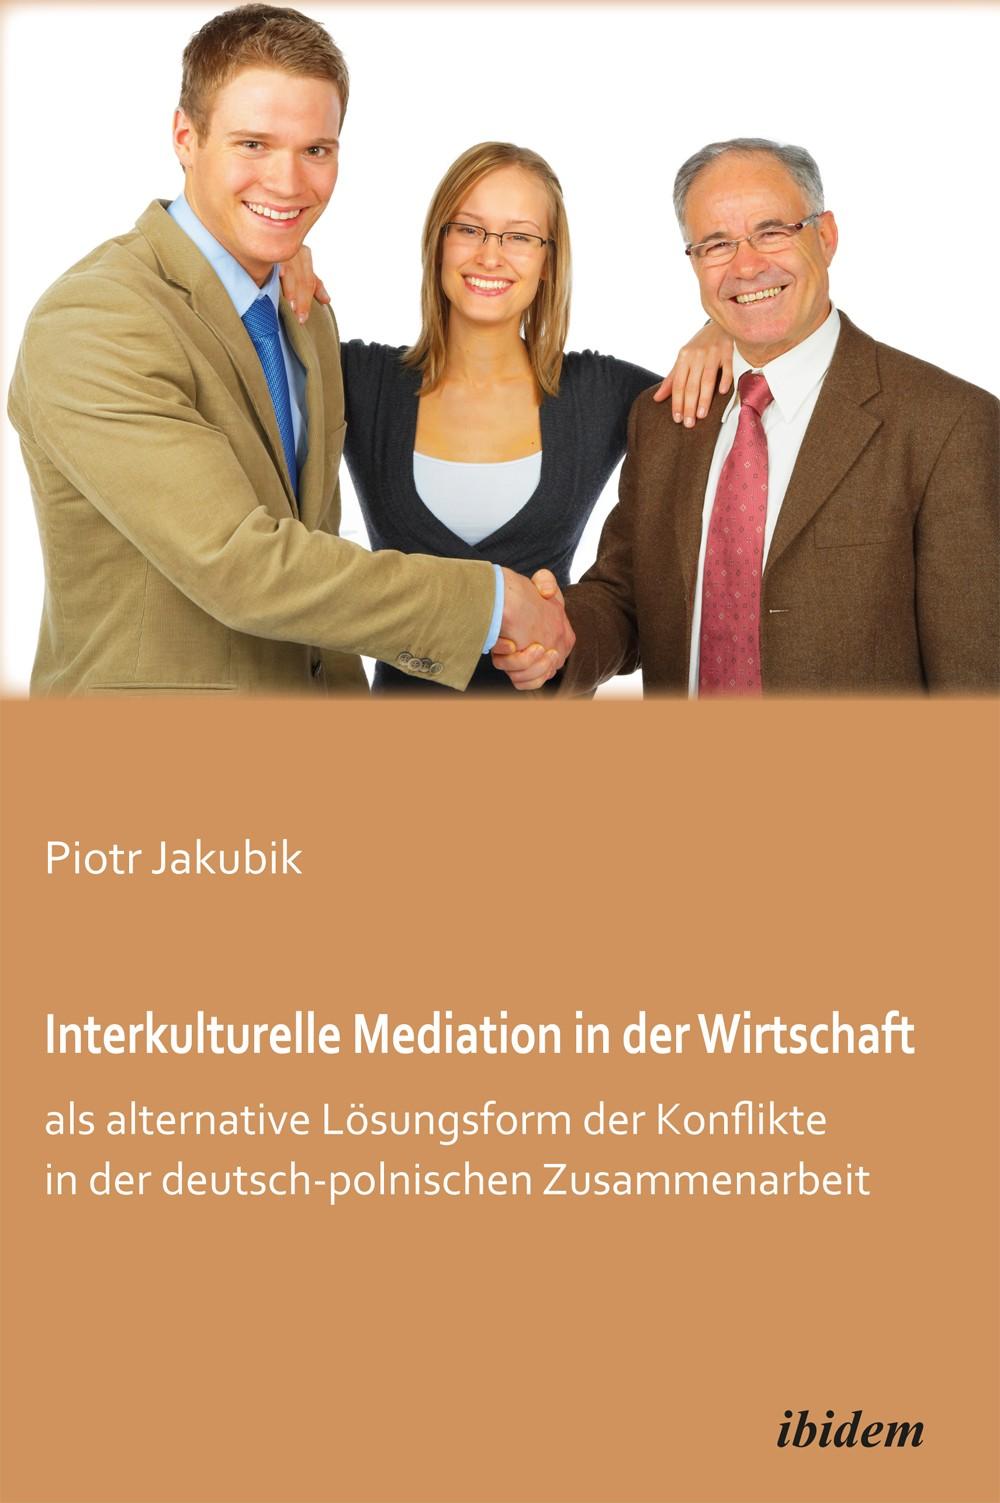 Interkulturelle Mediation in der Wirtschaft als alternative Lösungsform der Konflikte in der deutsch-polnischen Zusammenarbeit